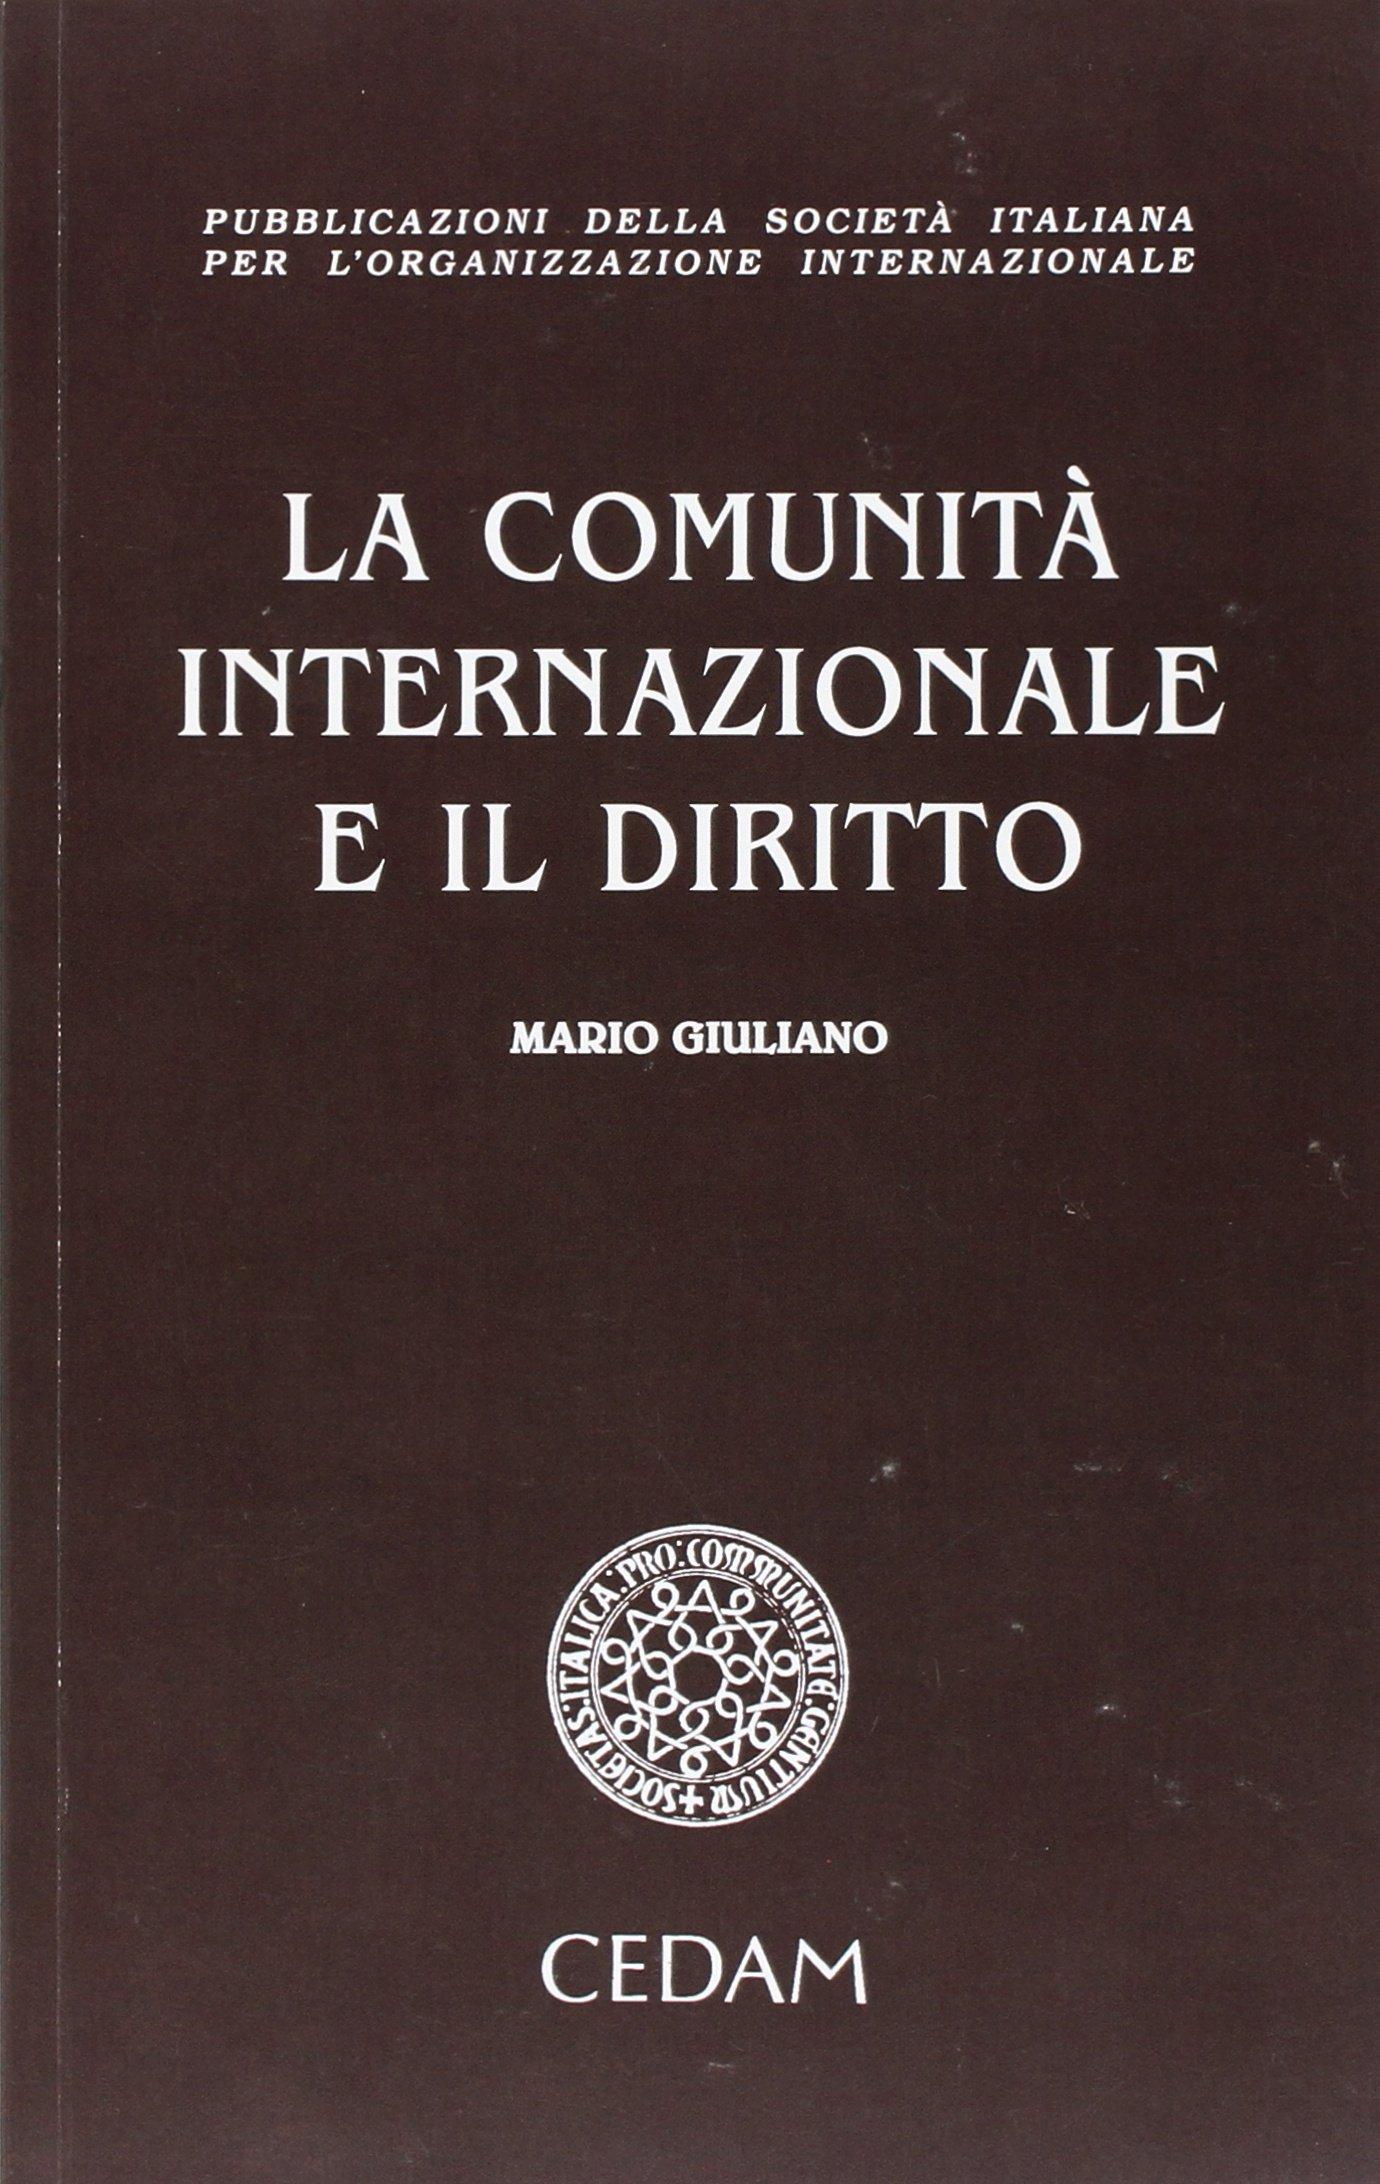 La comunità internazionale e il diritto Copertina flessibile – 25 gen 2017 Mario Giuliano CEDAM 8813109873